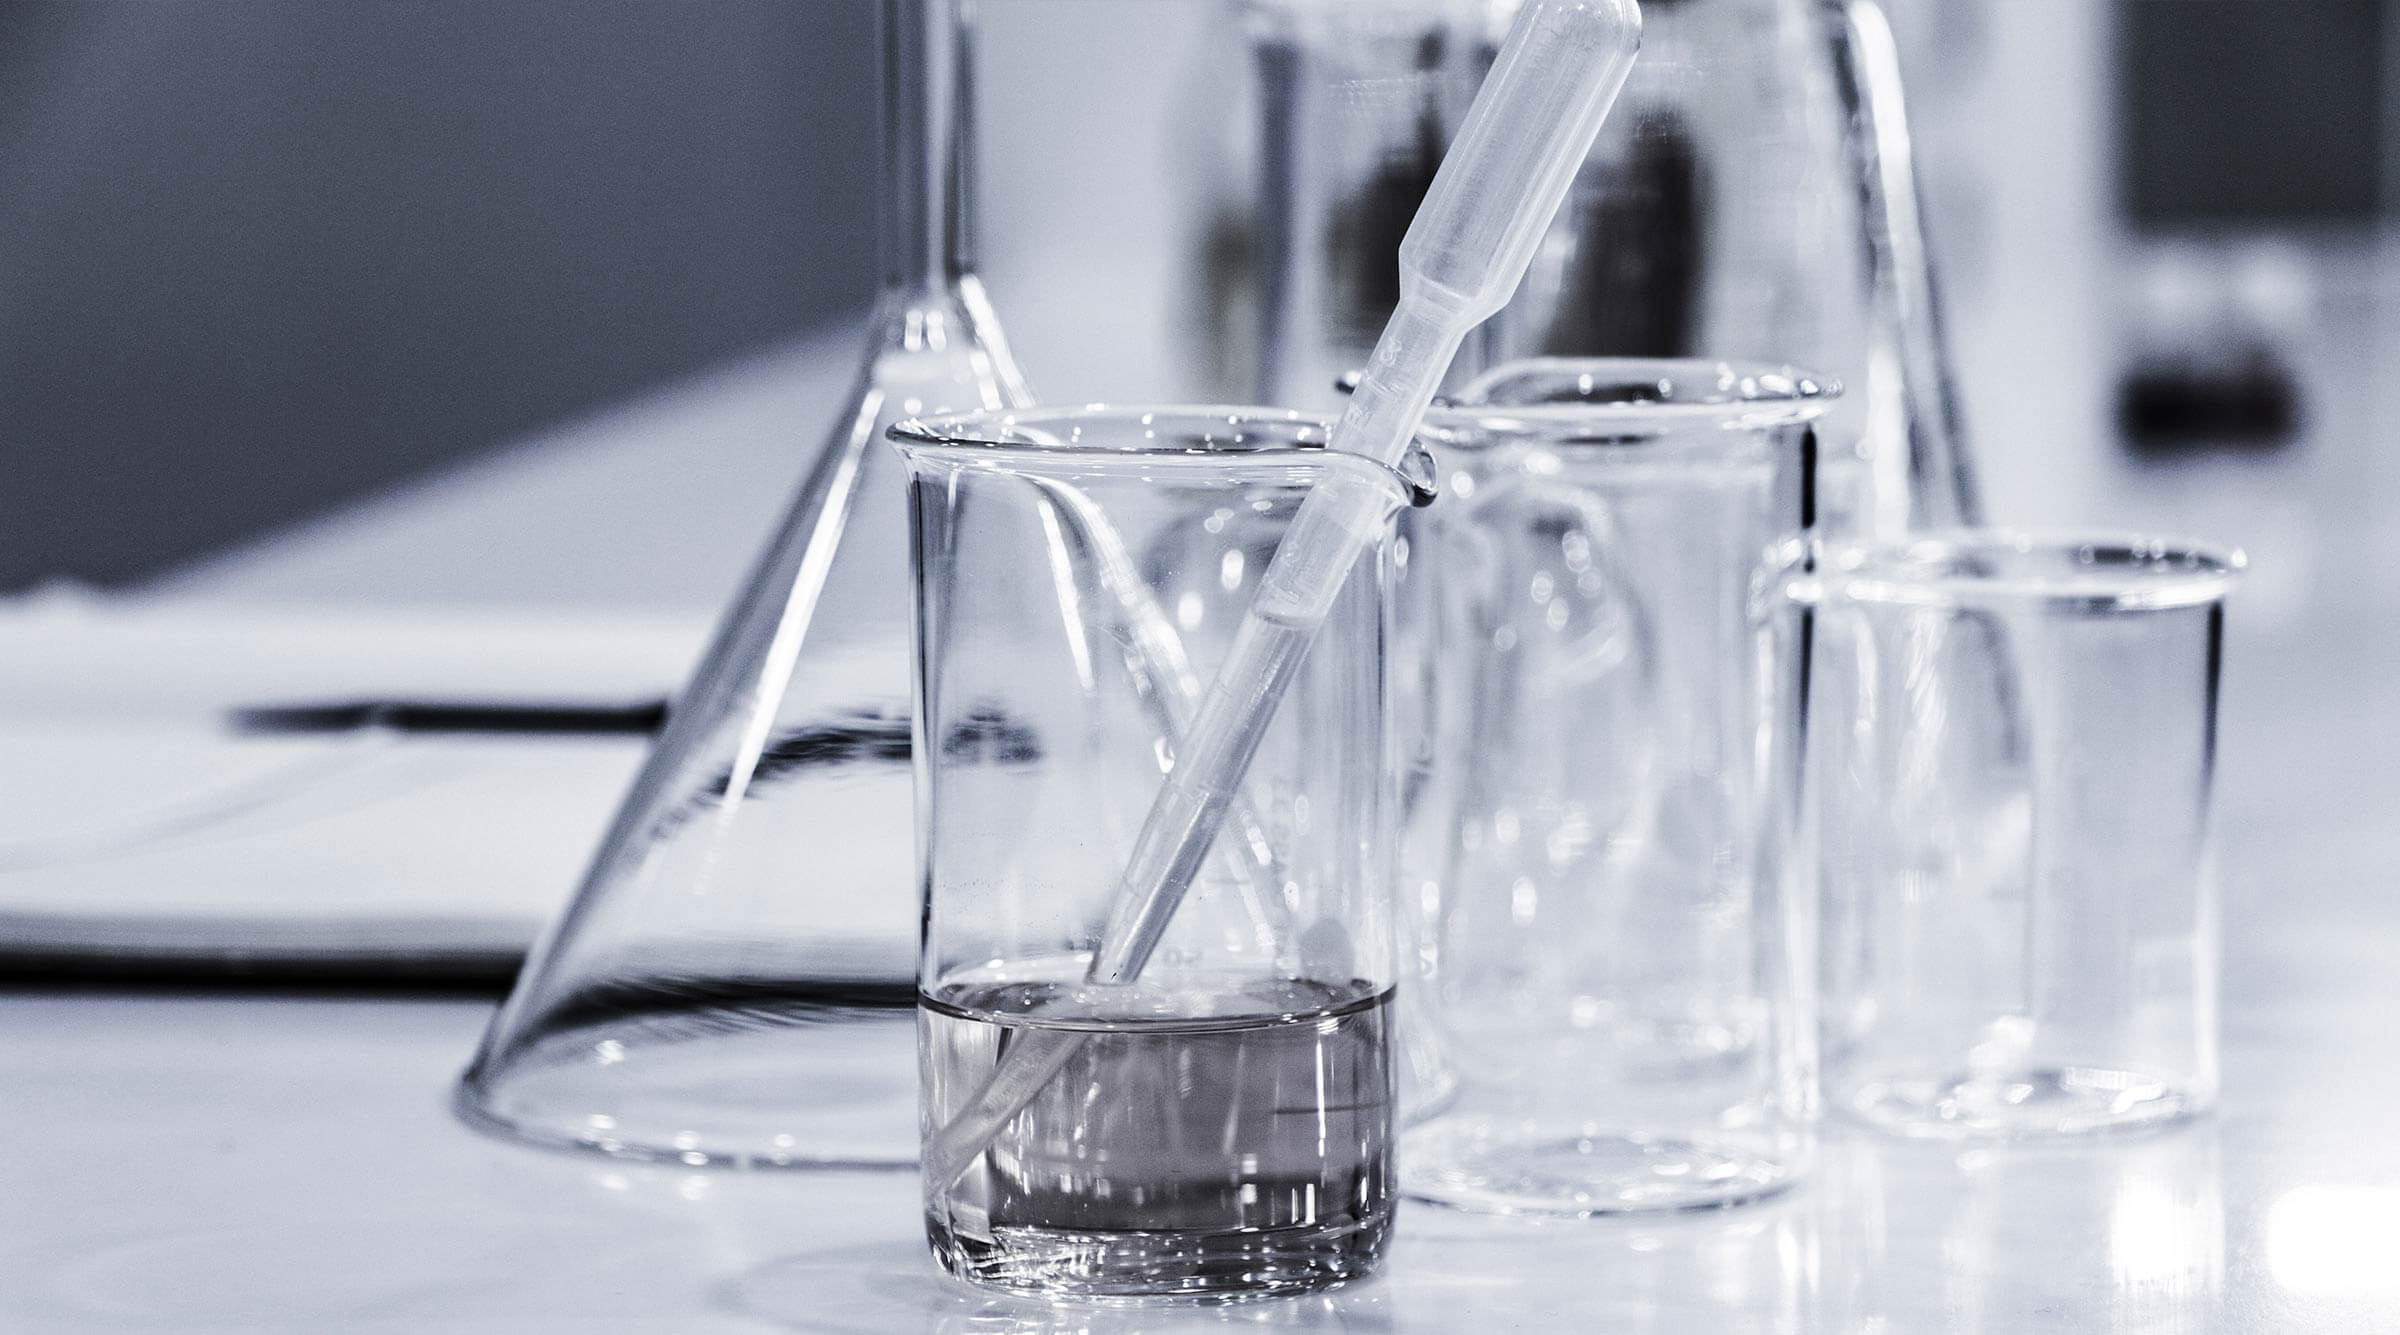 mano-pruebas-proceso-autentificacion-trazabilidad-alimentos-a-traves-de-ADN-azti